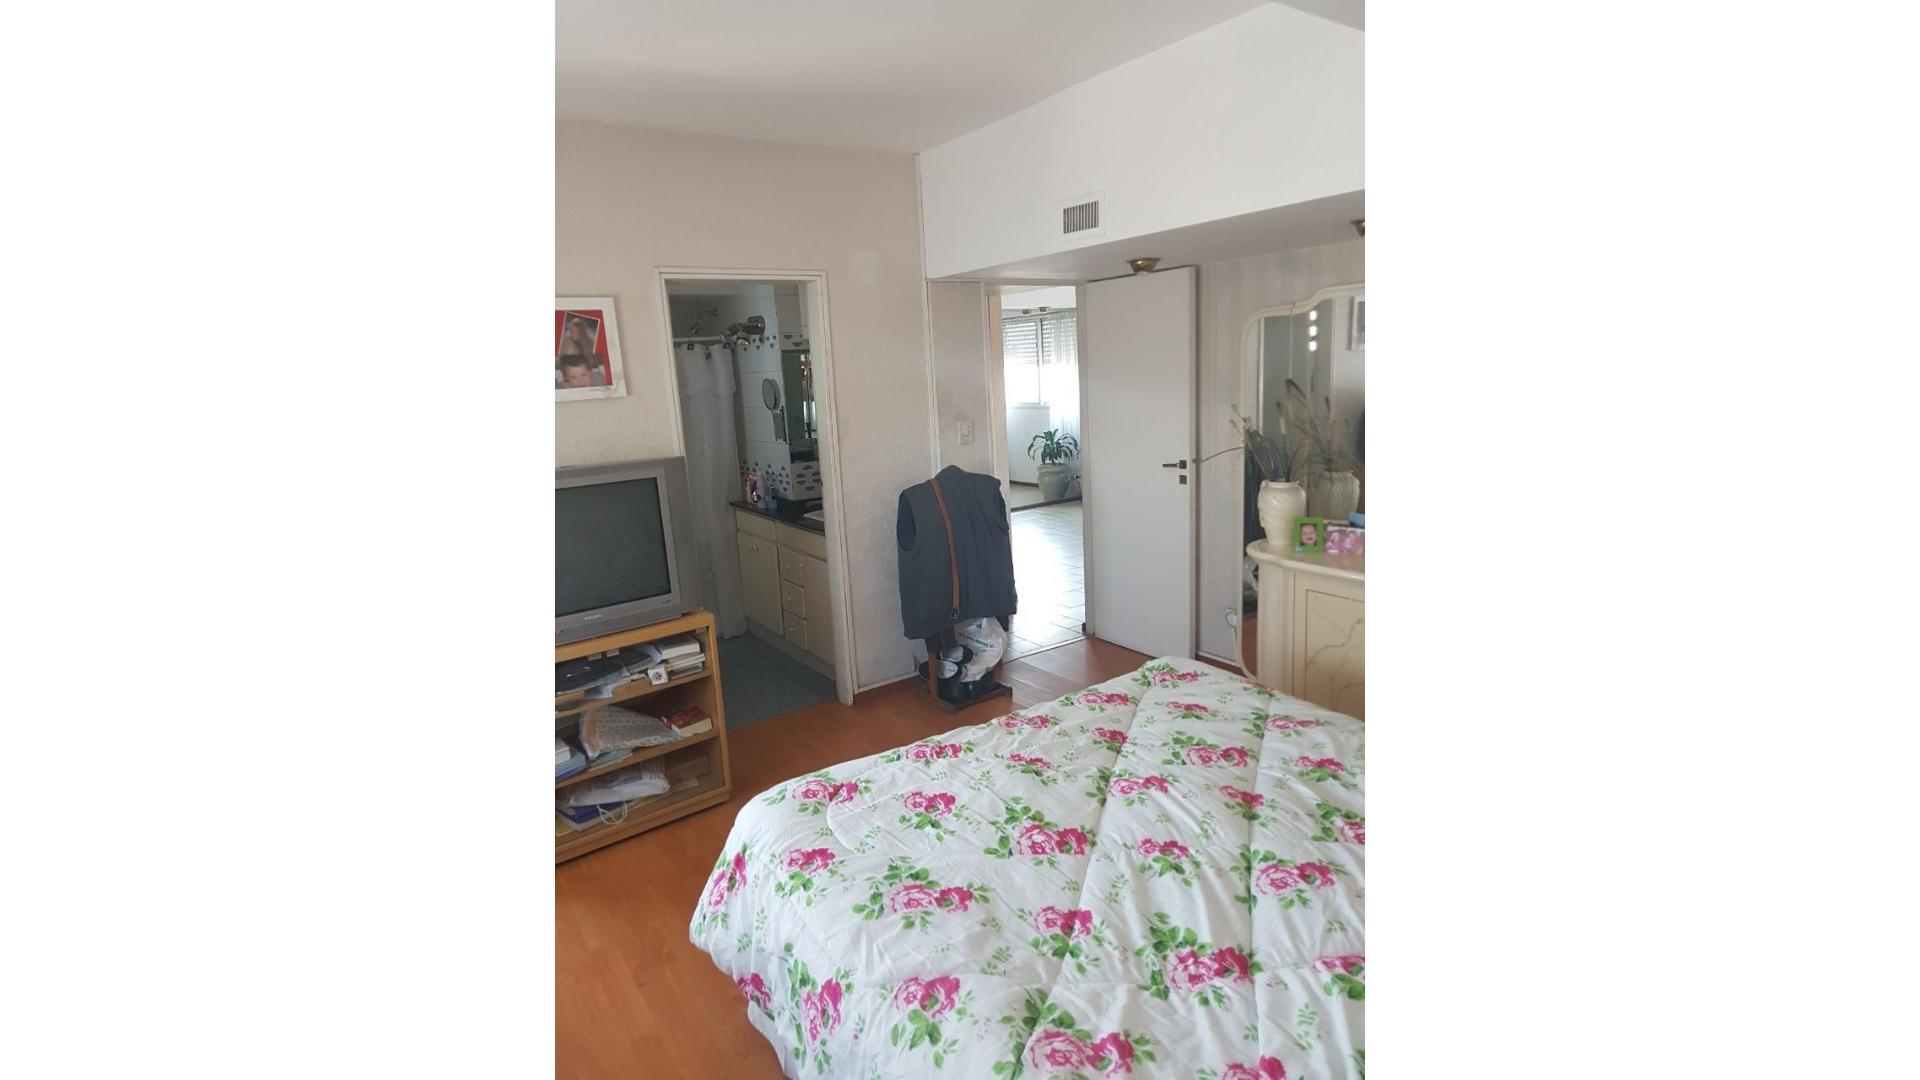 Santo Tome al 4300 - Piso de 5 dormitorios  de 160 m2  con cochera + family room